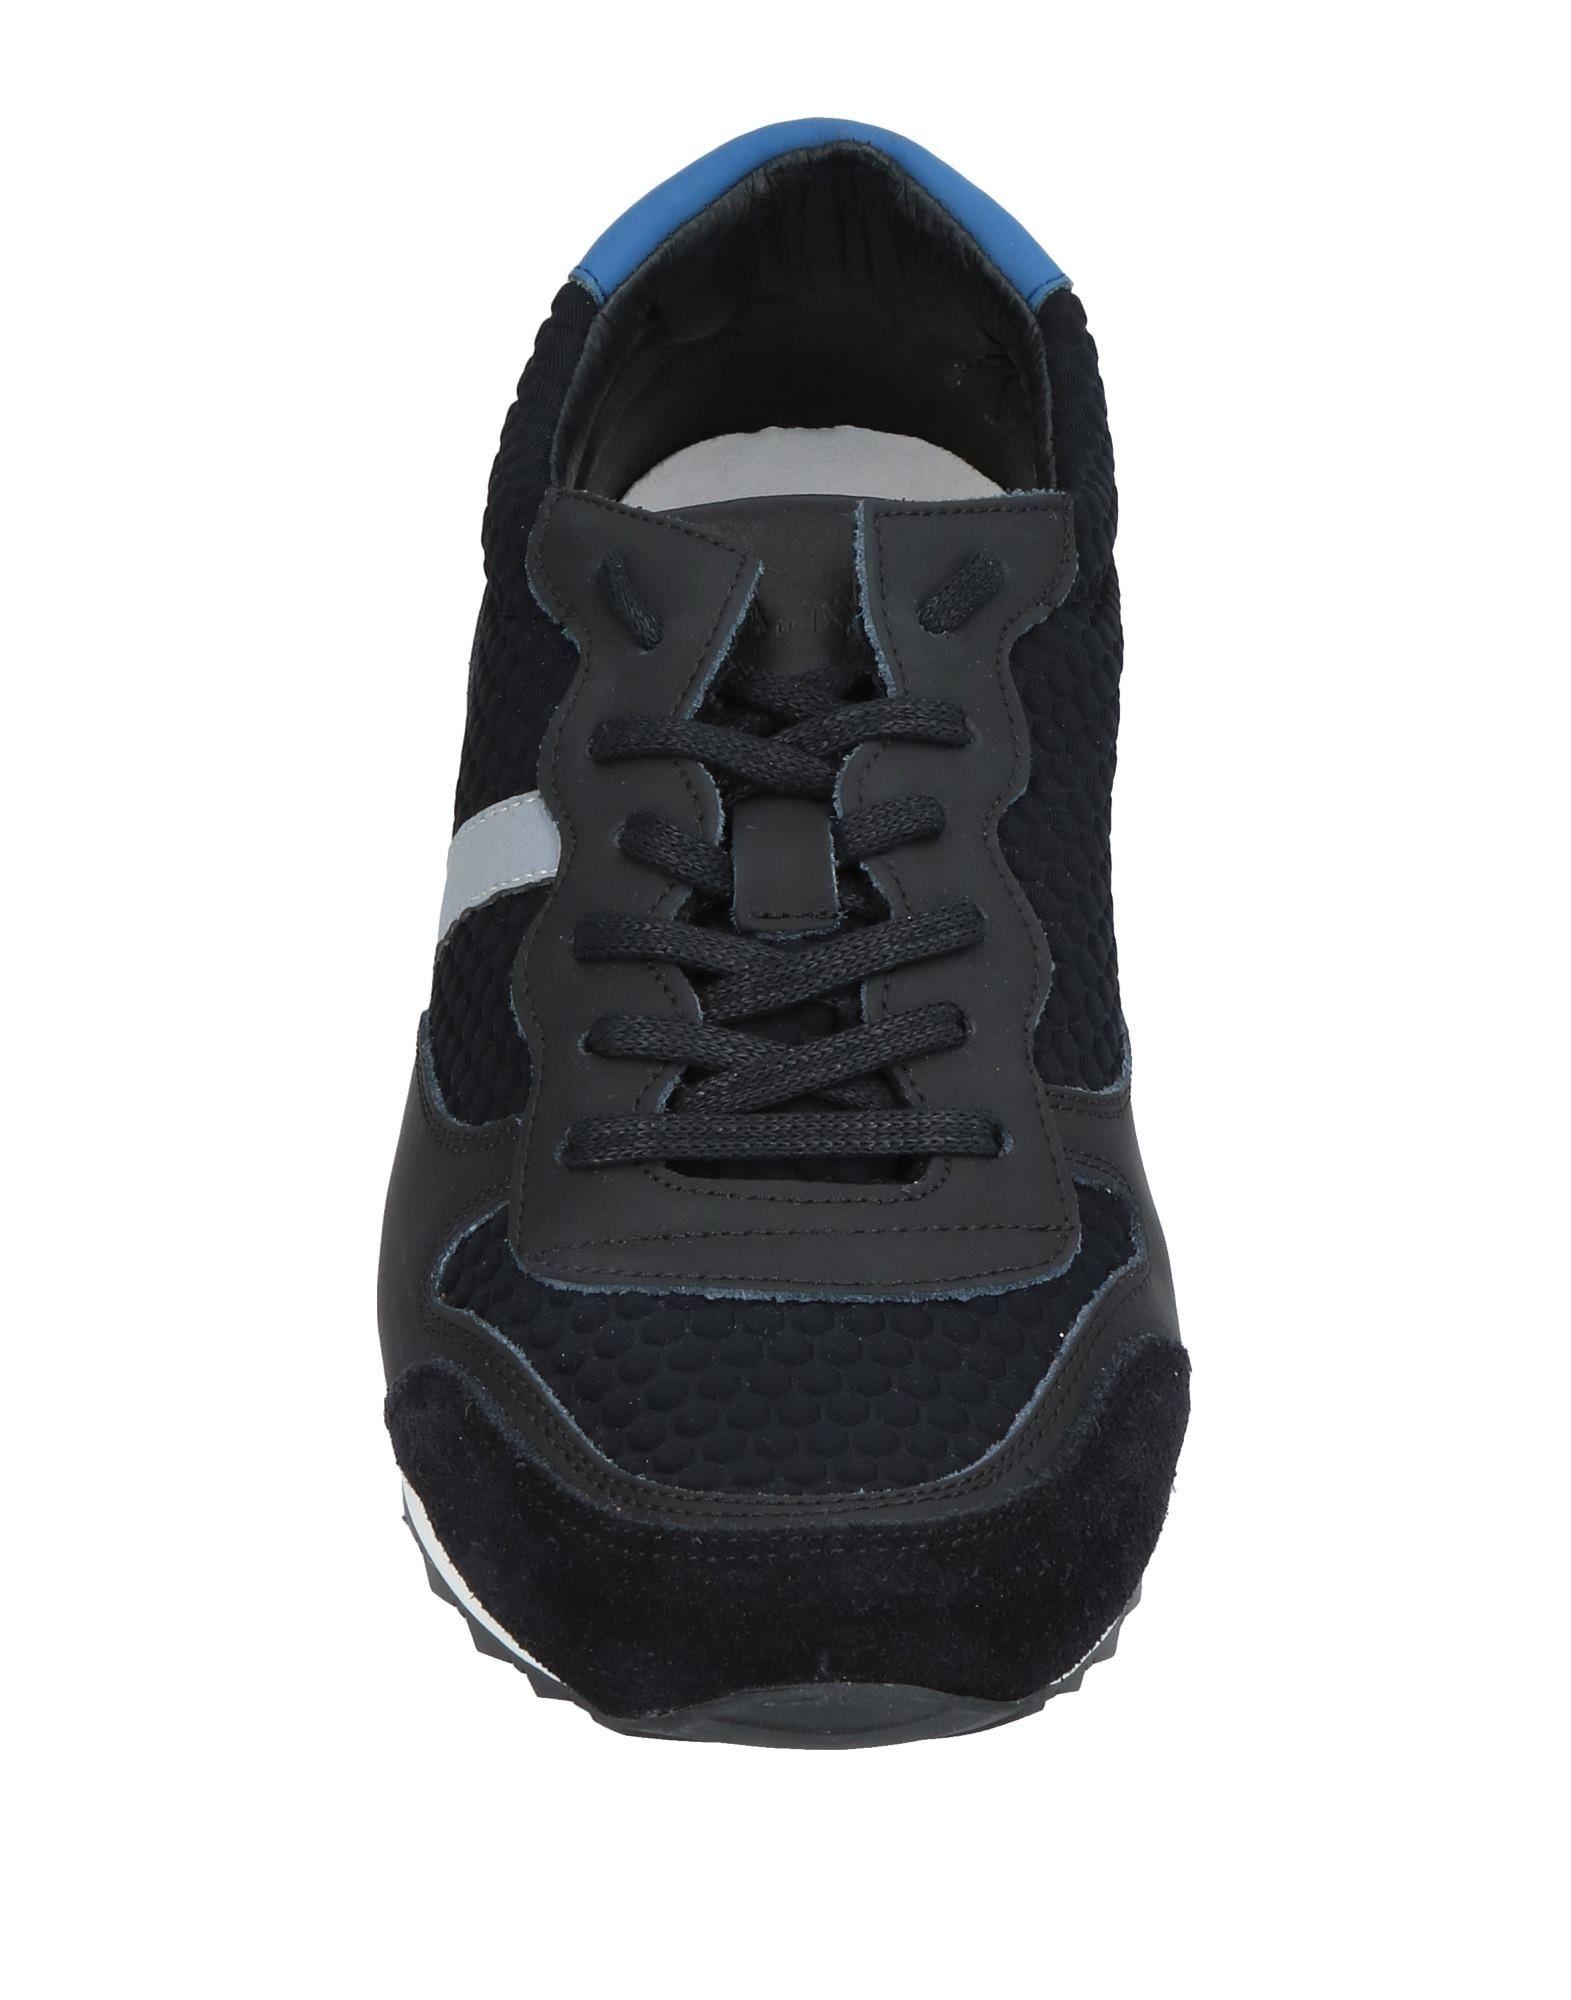 D.A.T.E. Sneakers Herren  Schuhe 11369007UO Heiße Schuhe  23ff2d